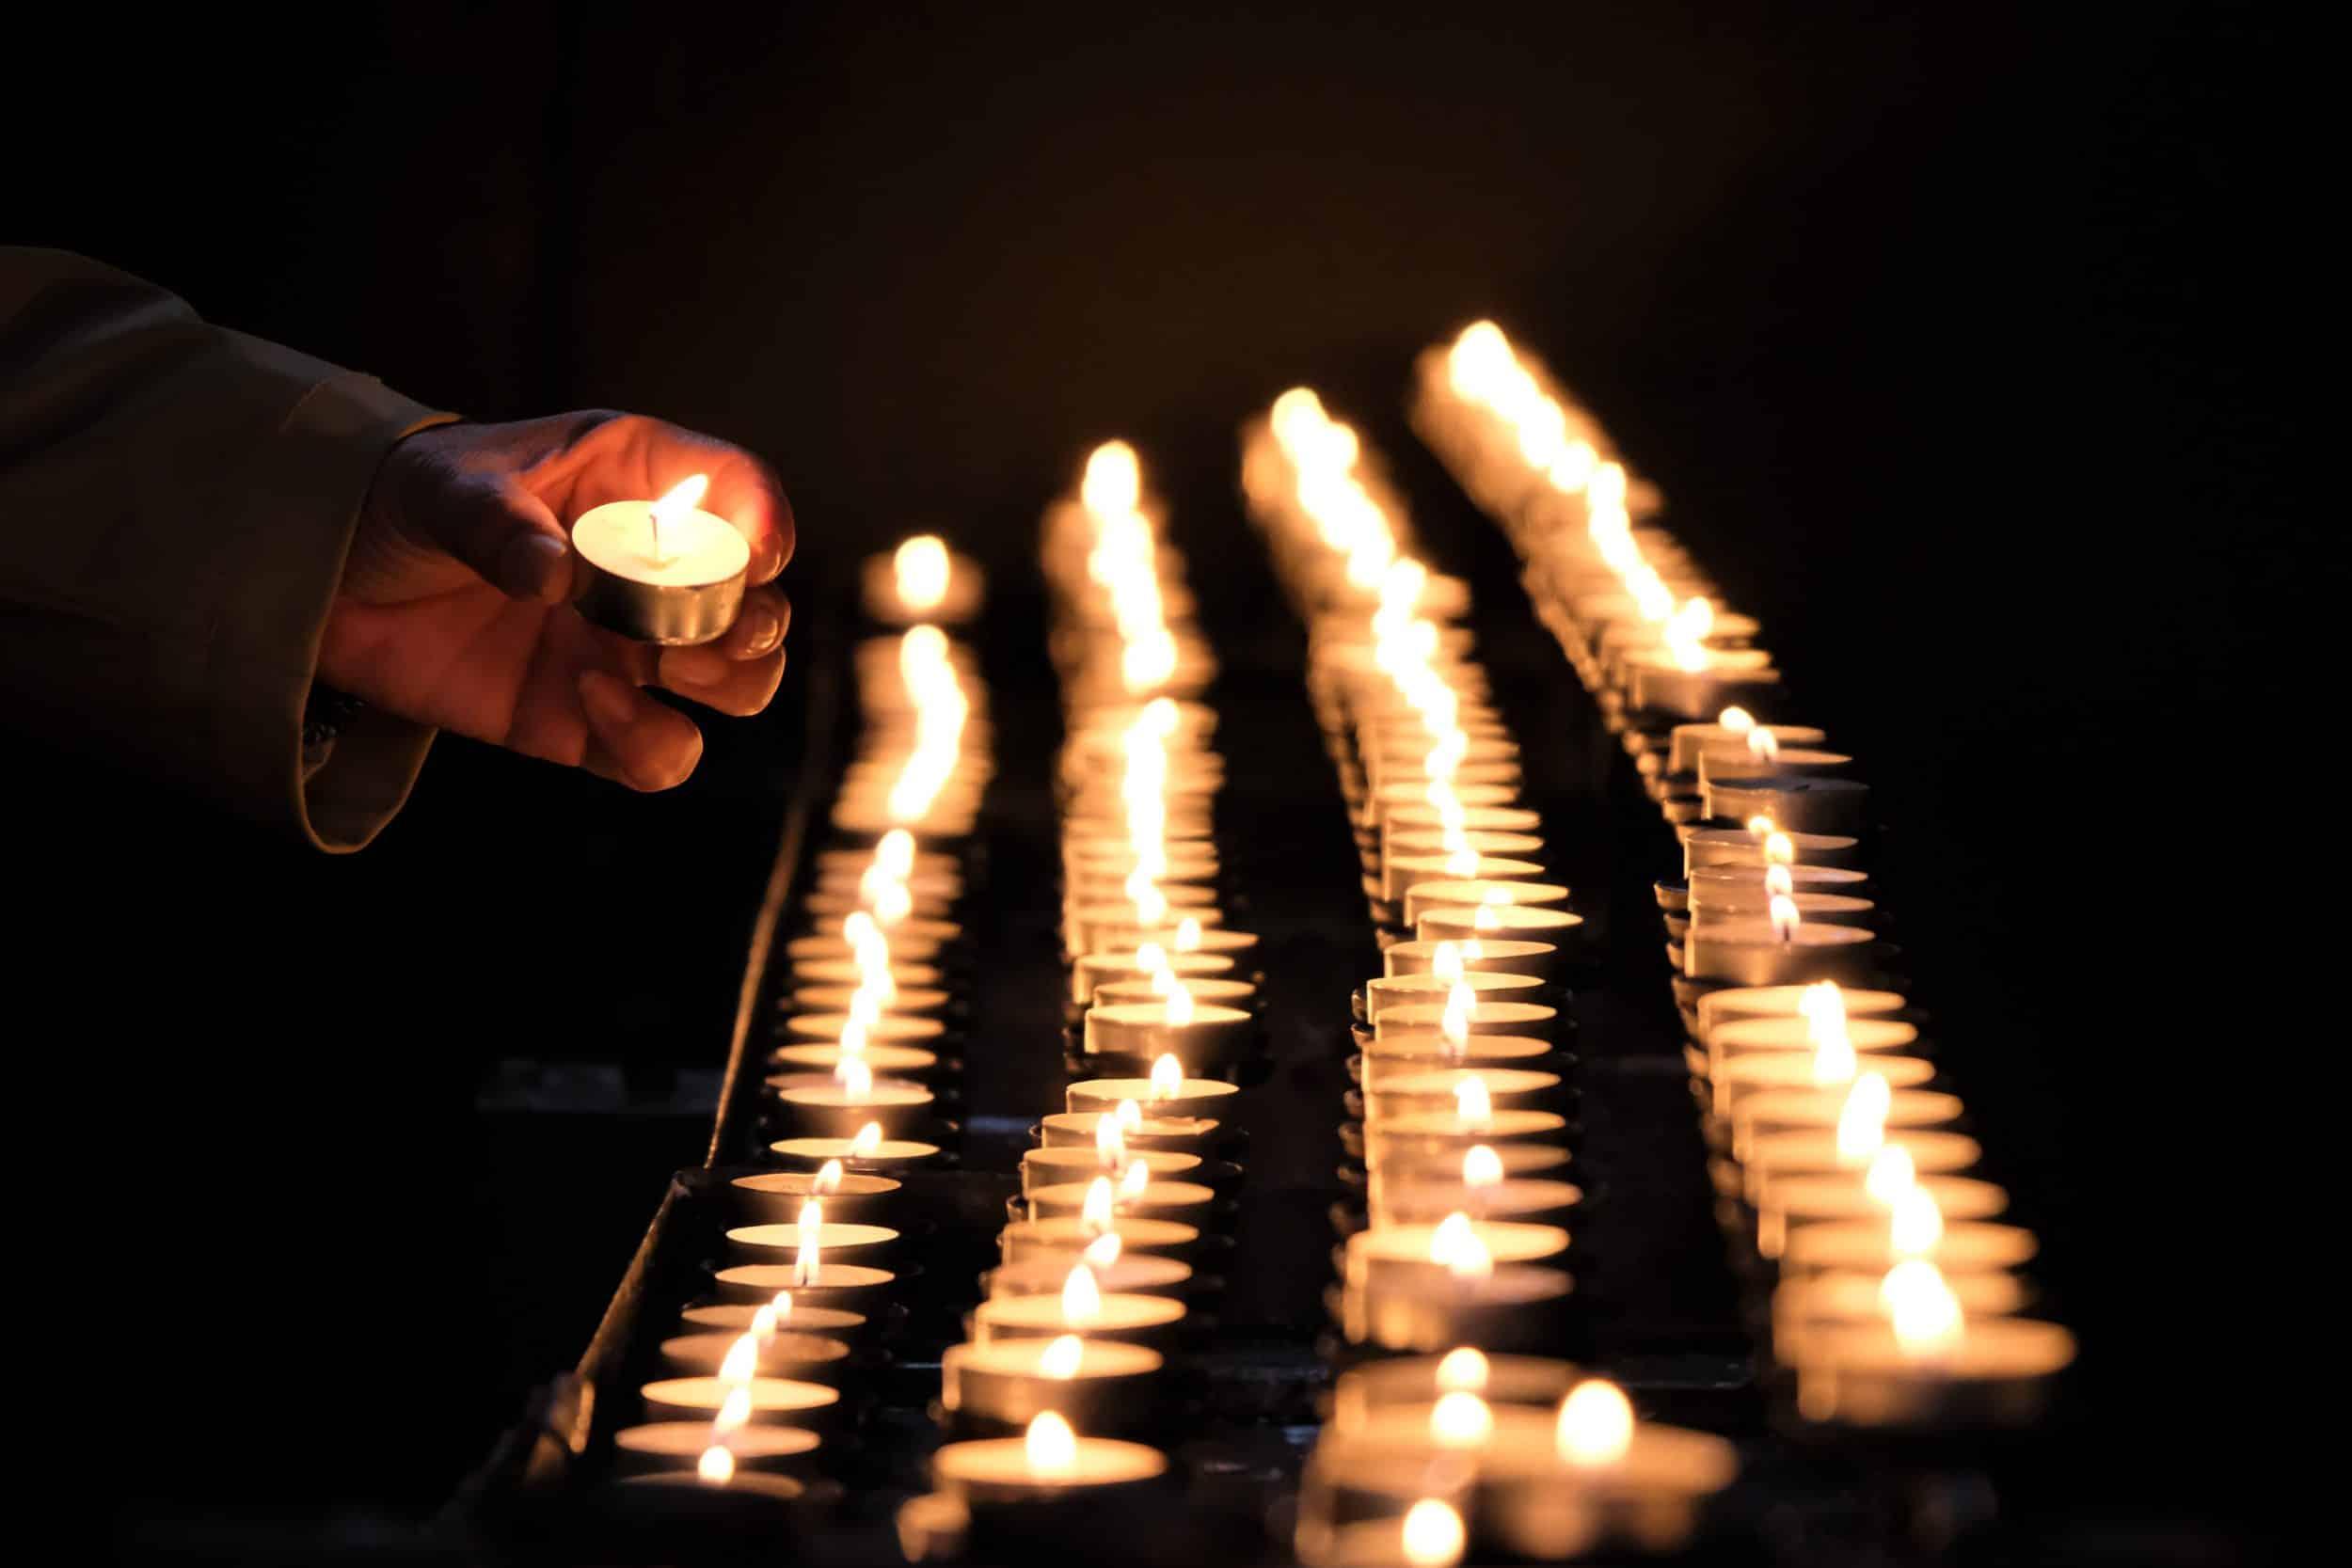 Förbönsgudstjänst och ljusmanifestation för konvertiter